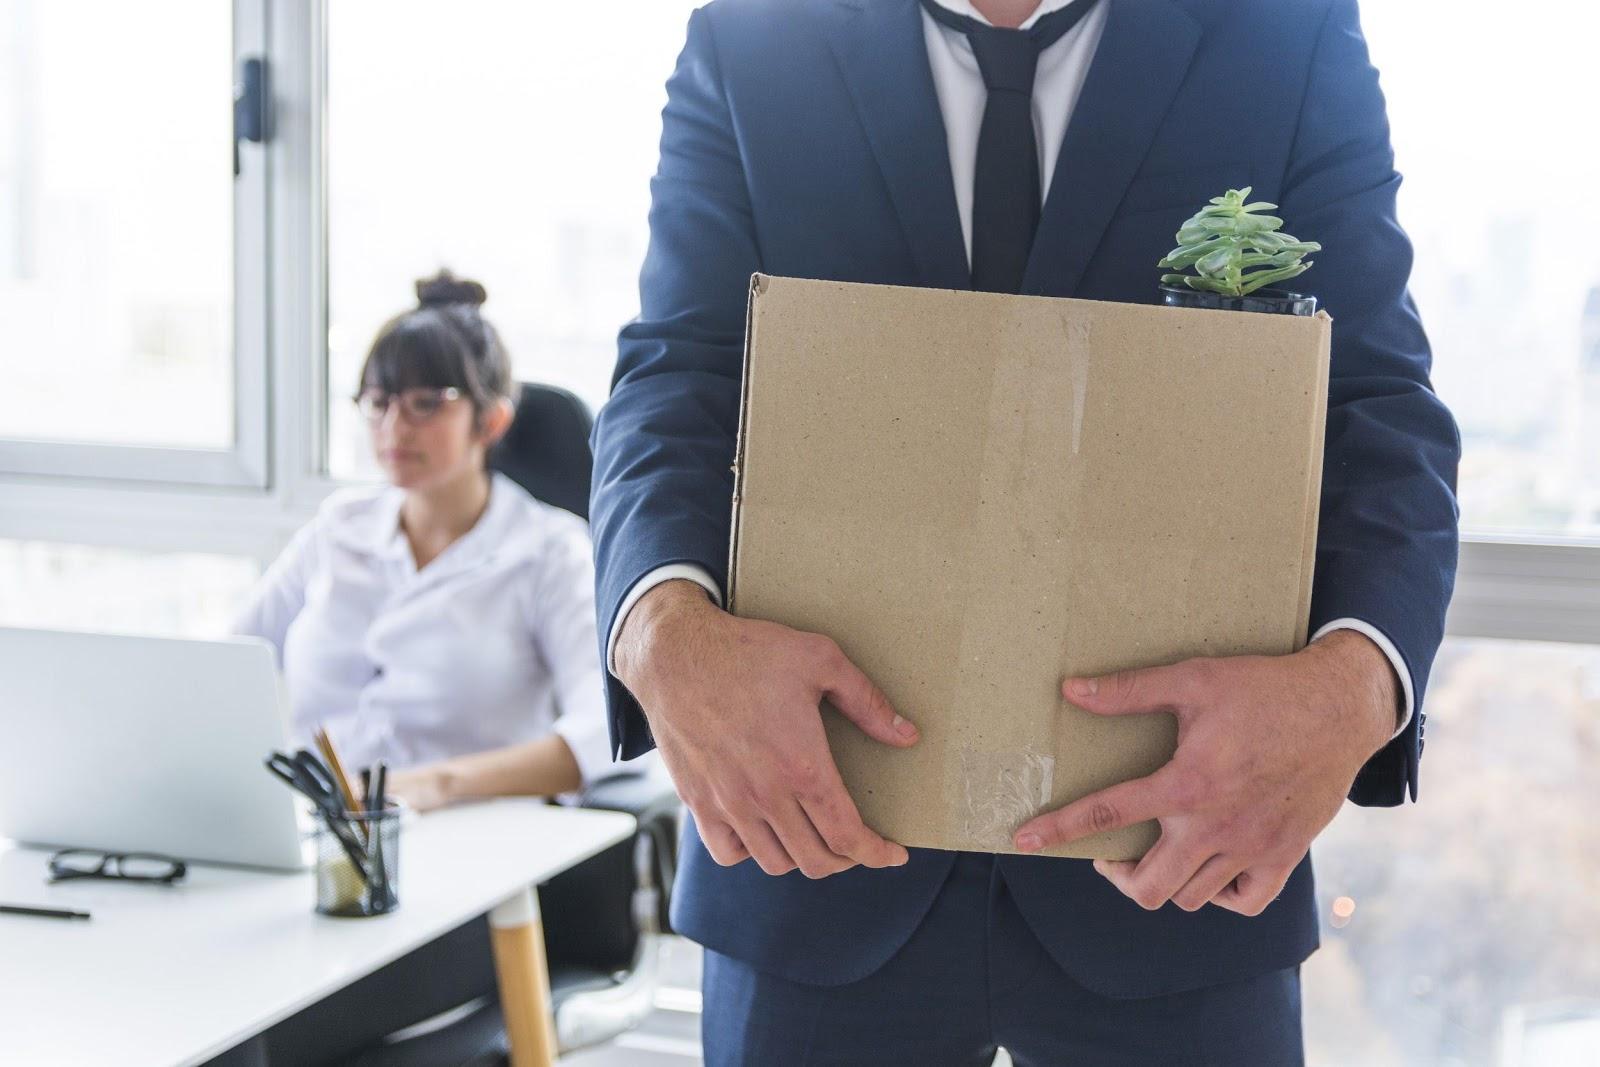 contratações, má contratação, custos, prejuízos, despesas, empresa